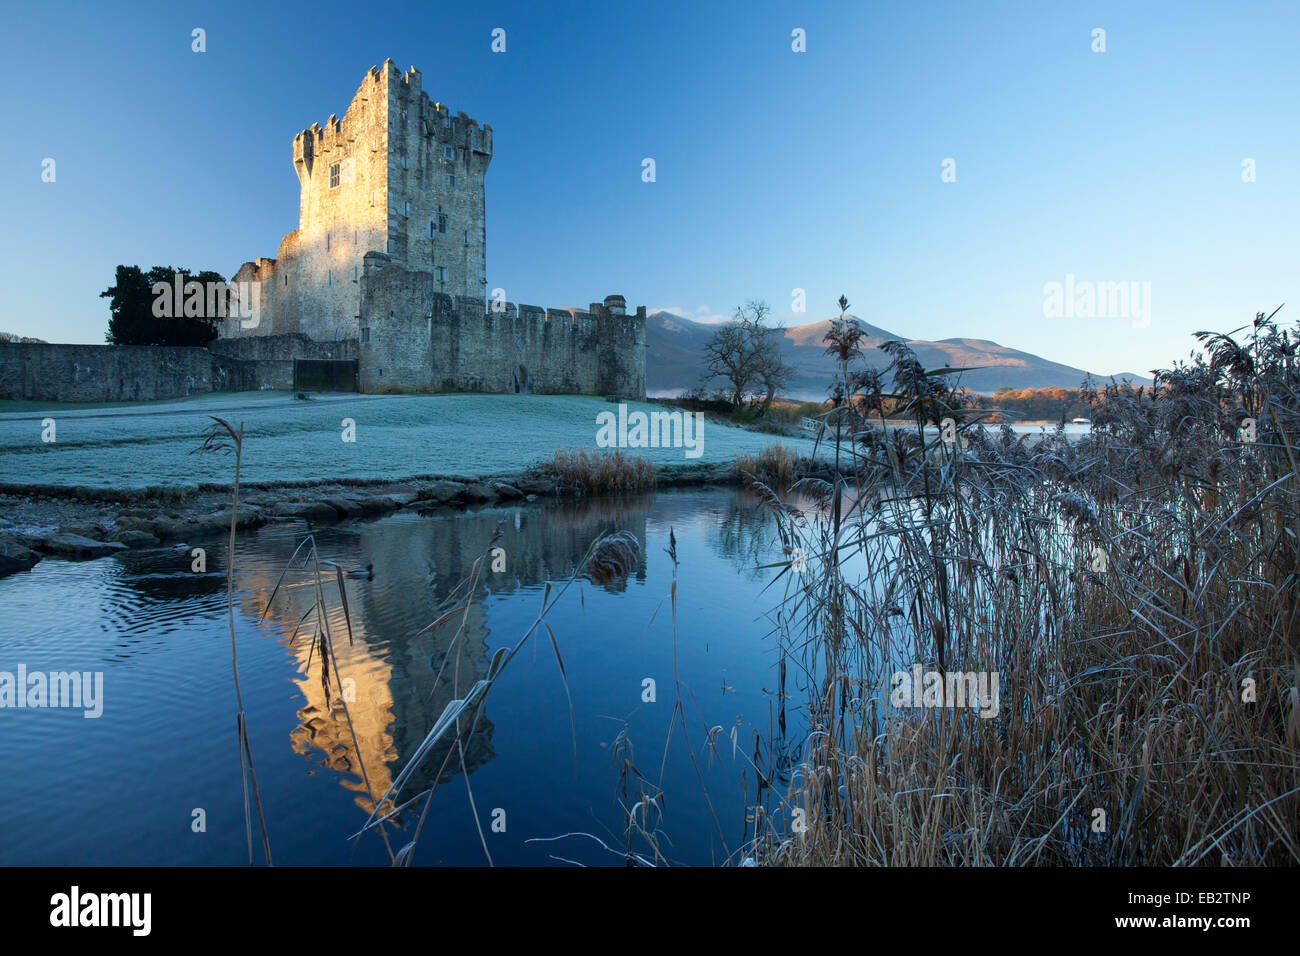 Invierno en el Castillo Ross, Lough Leane, Parque Nacional de Killarney, condado de Kerry, Irlanda. Imagen De Stock